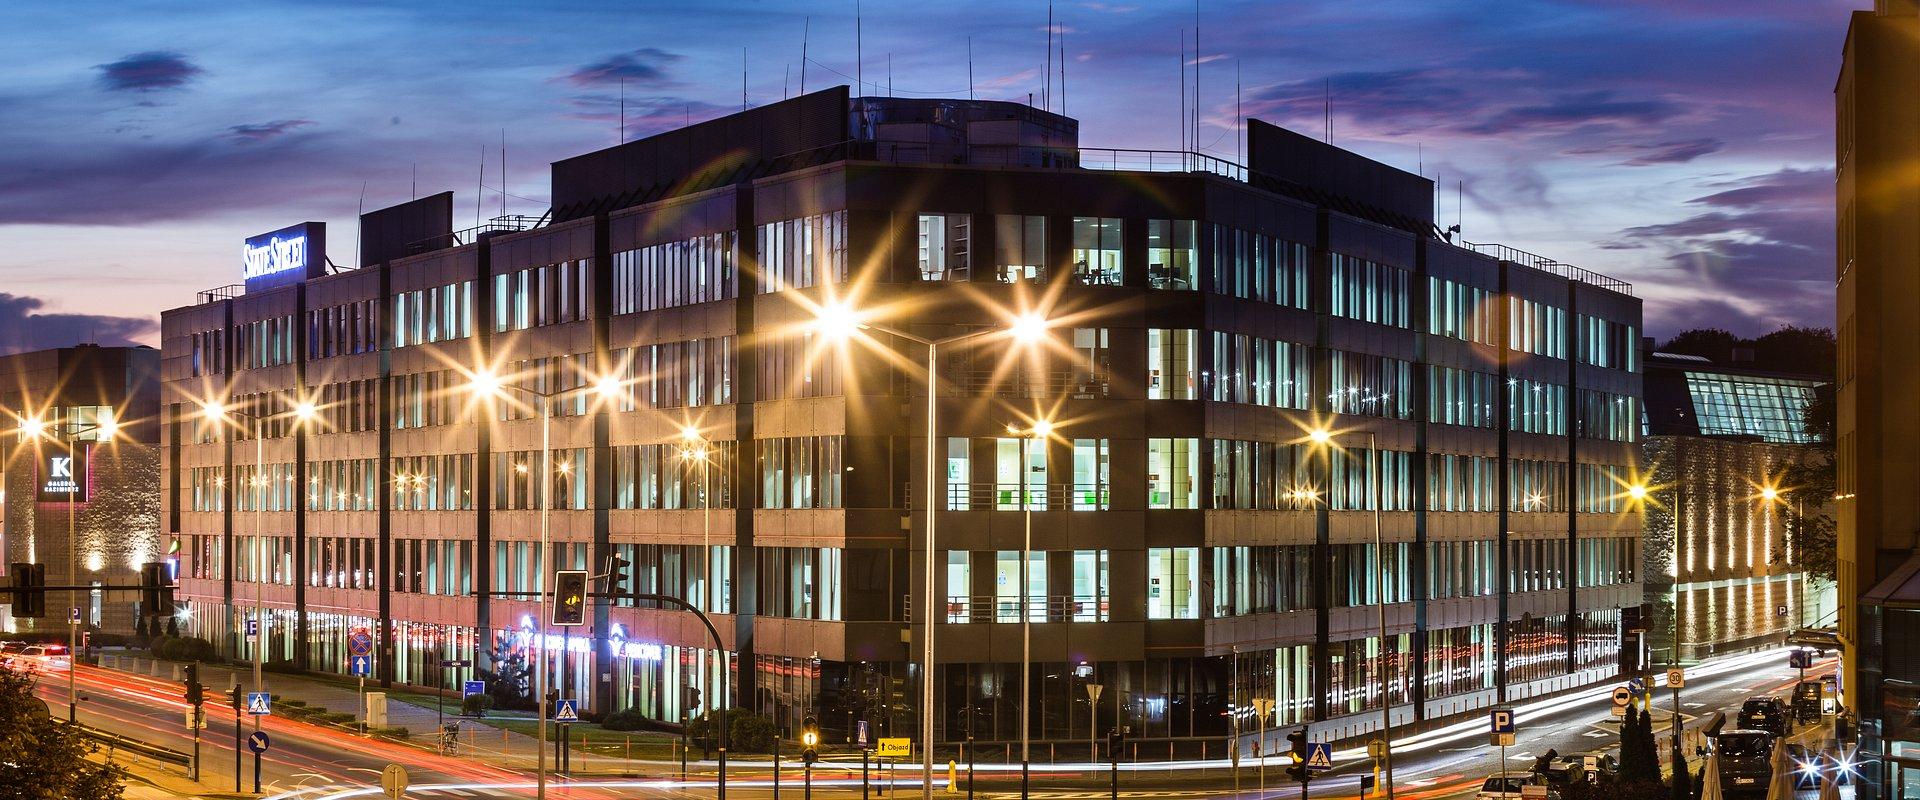 Tłusty czwartek w obiektach zarządzanych przez BNP Paribas Real Estate